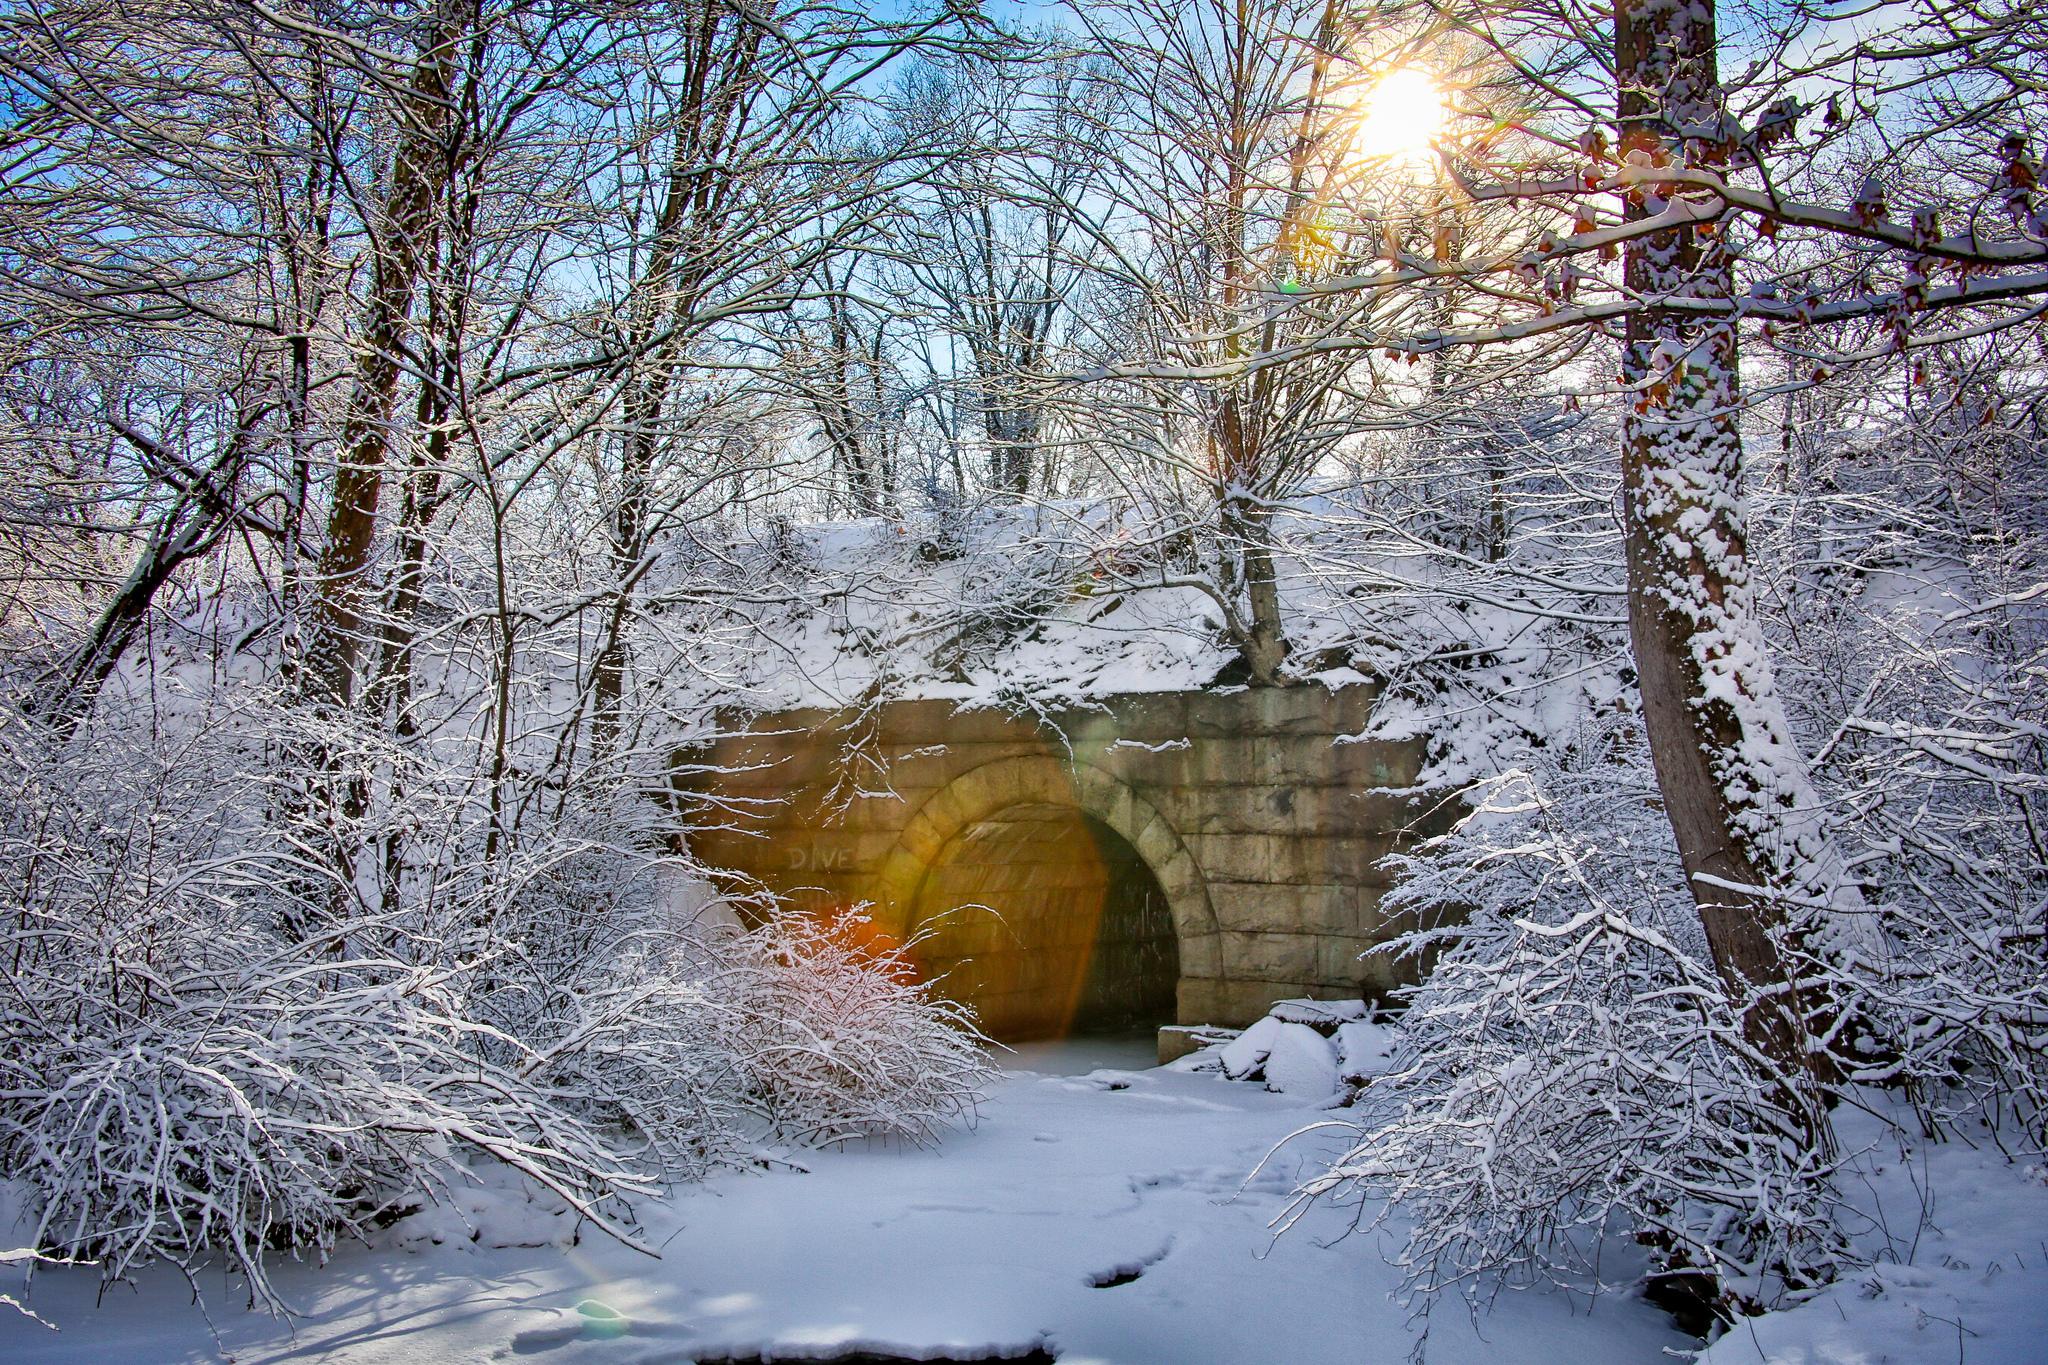 Обои Зима, Солнечный заряд, снег, Новая Англия